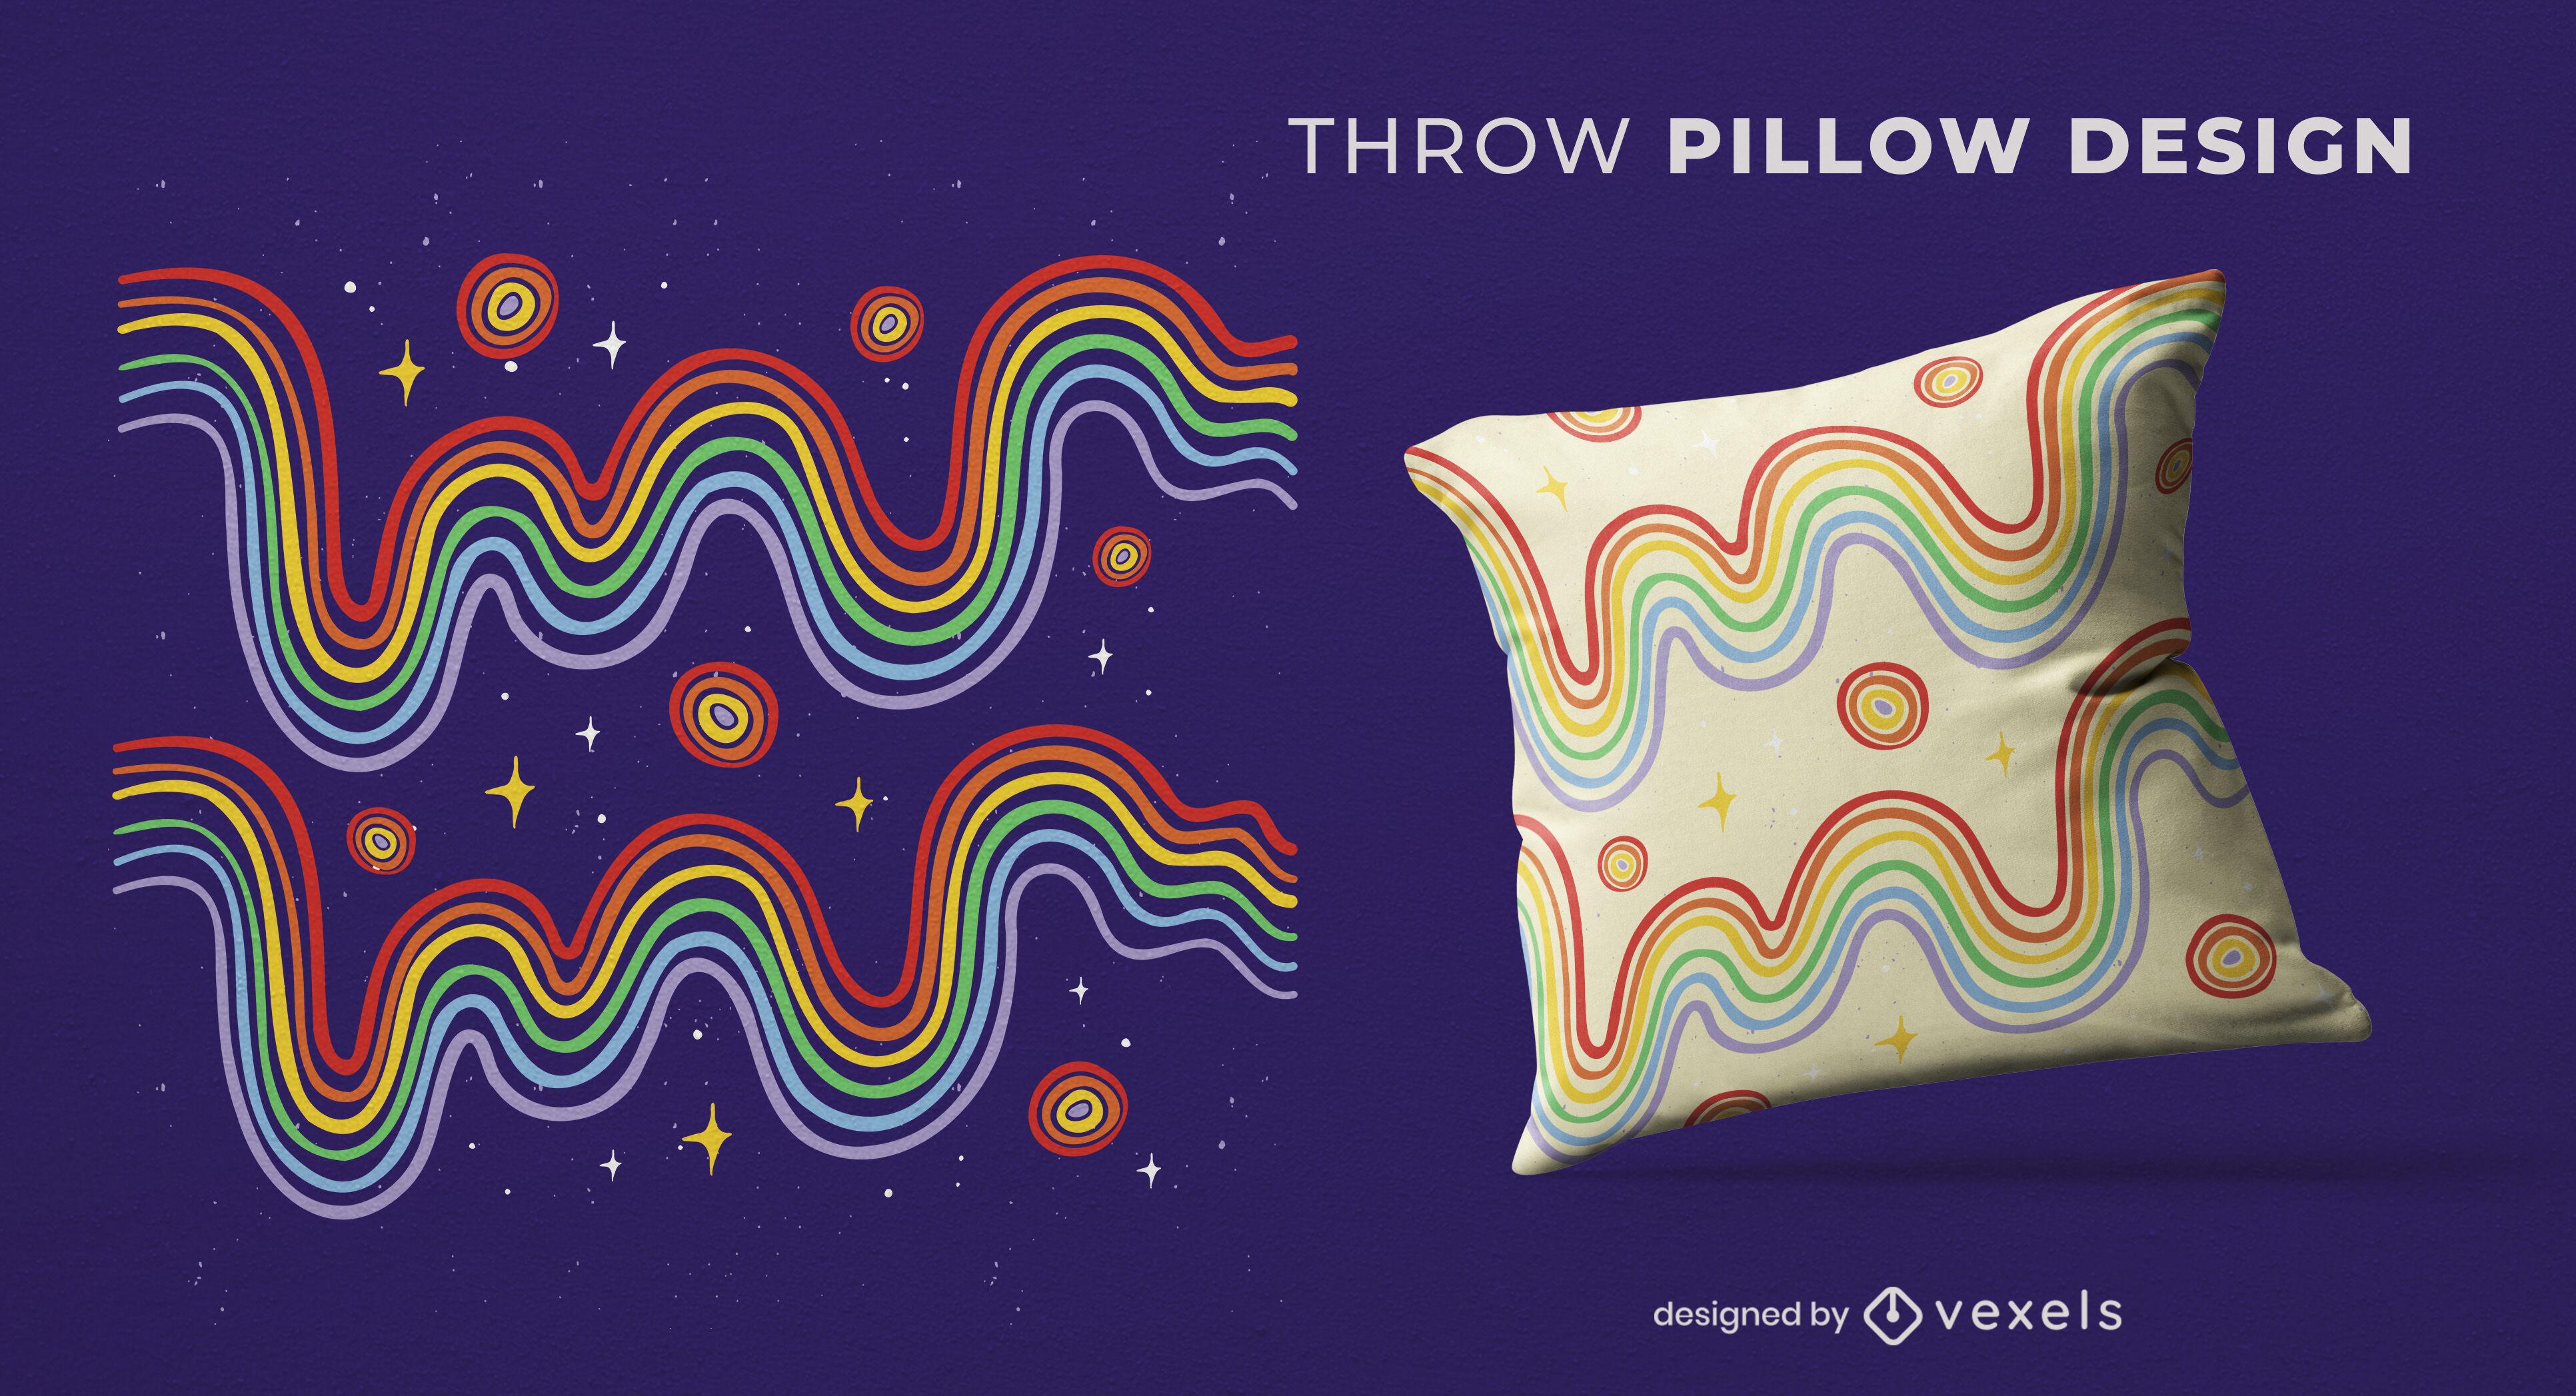 Dise?o de almohada de tiro con l?neas onduladas de arco iris